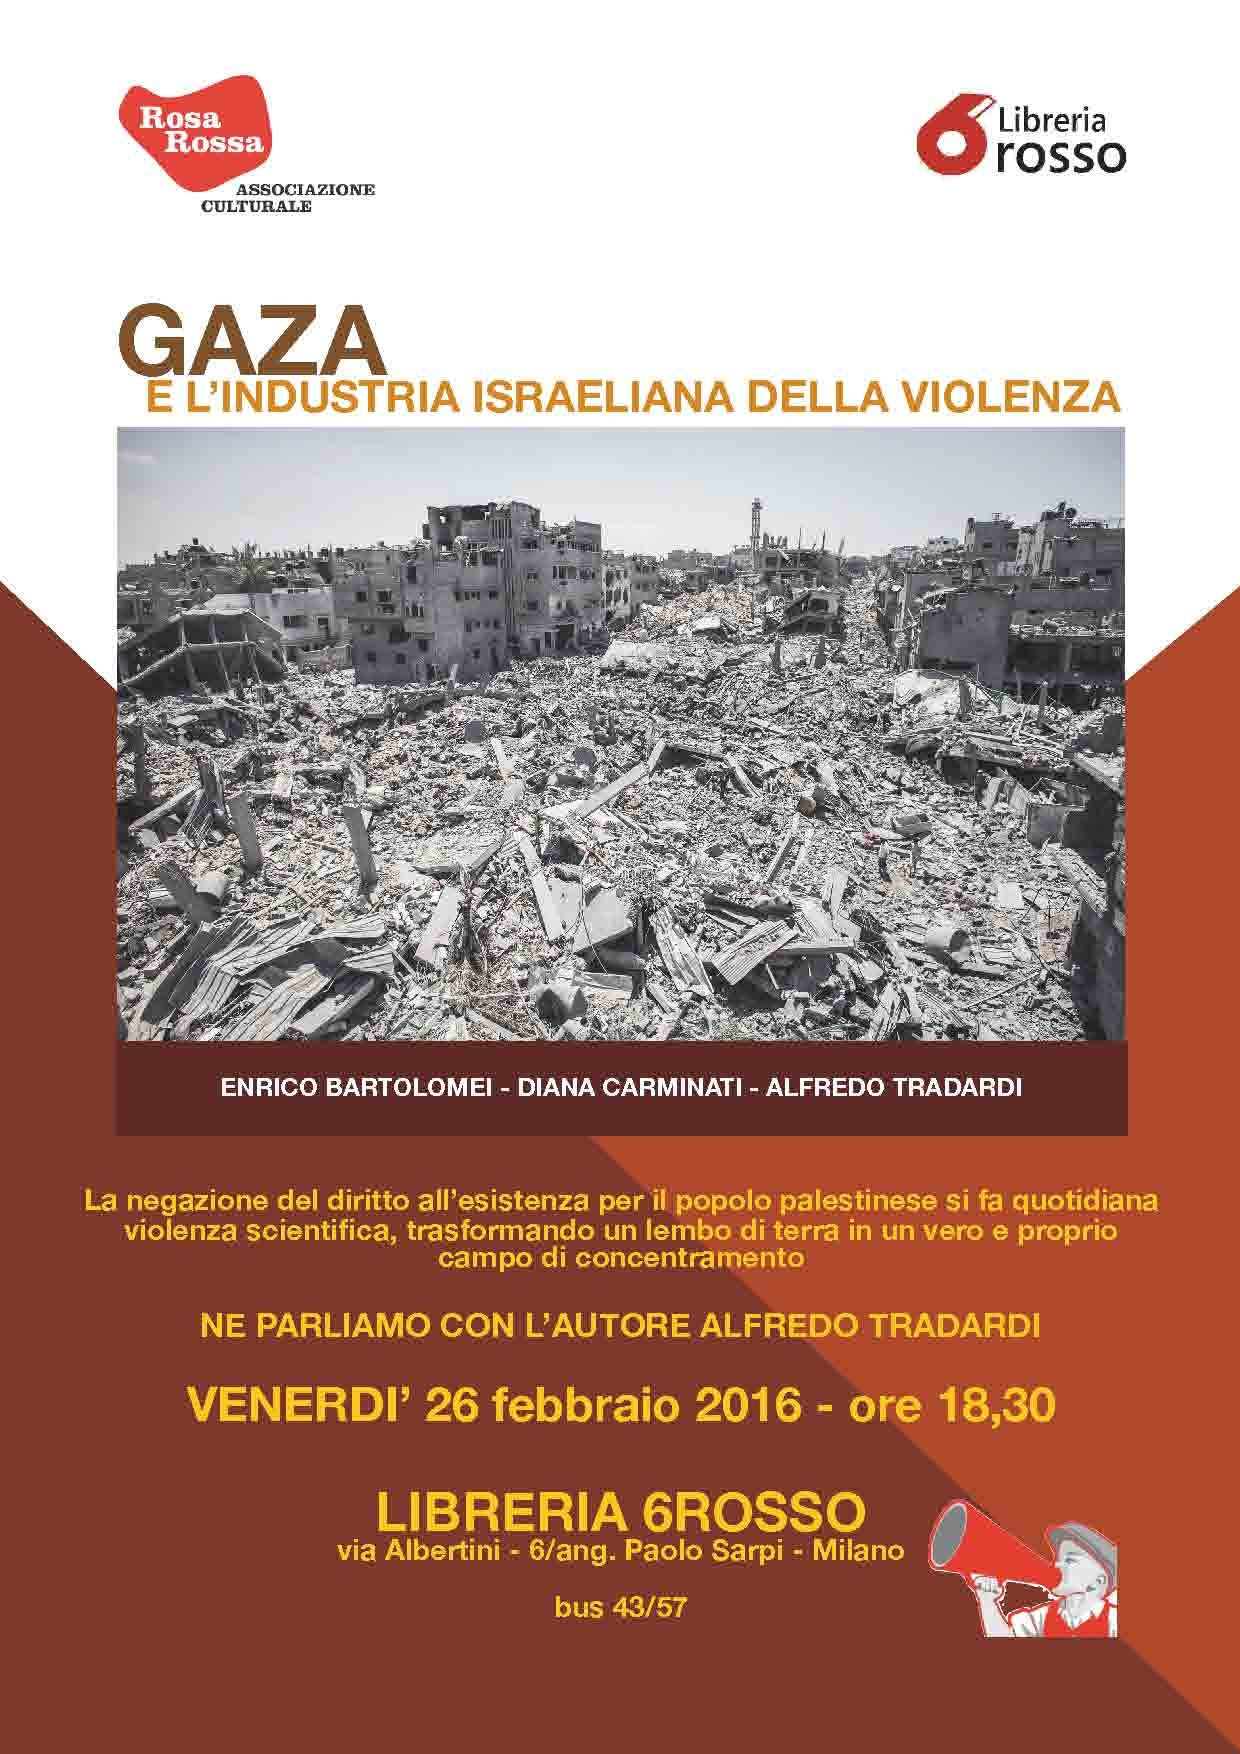 GAZA26FEBBRAIO2016